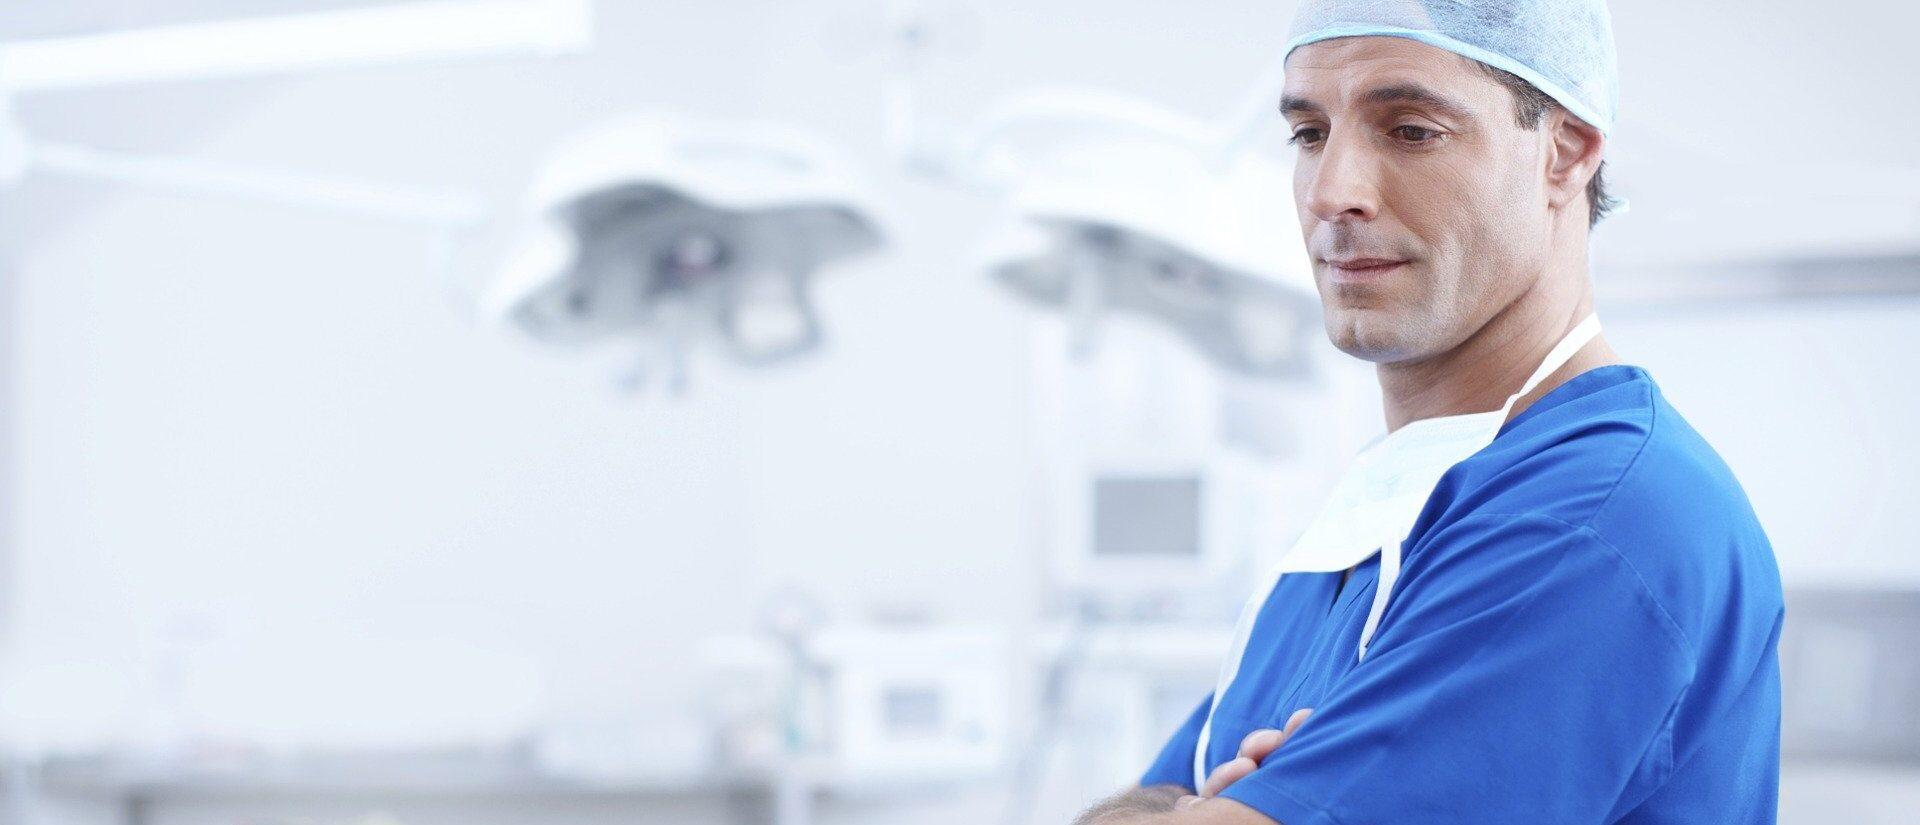 Orthodontic tender assistance UK